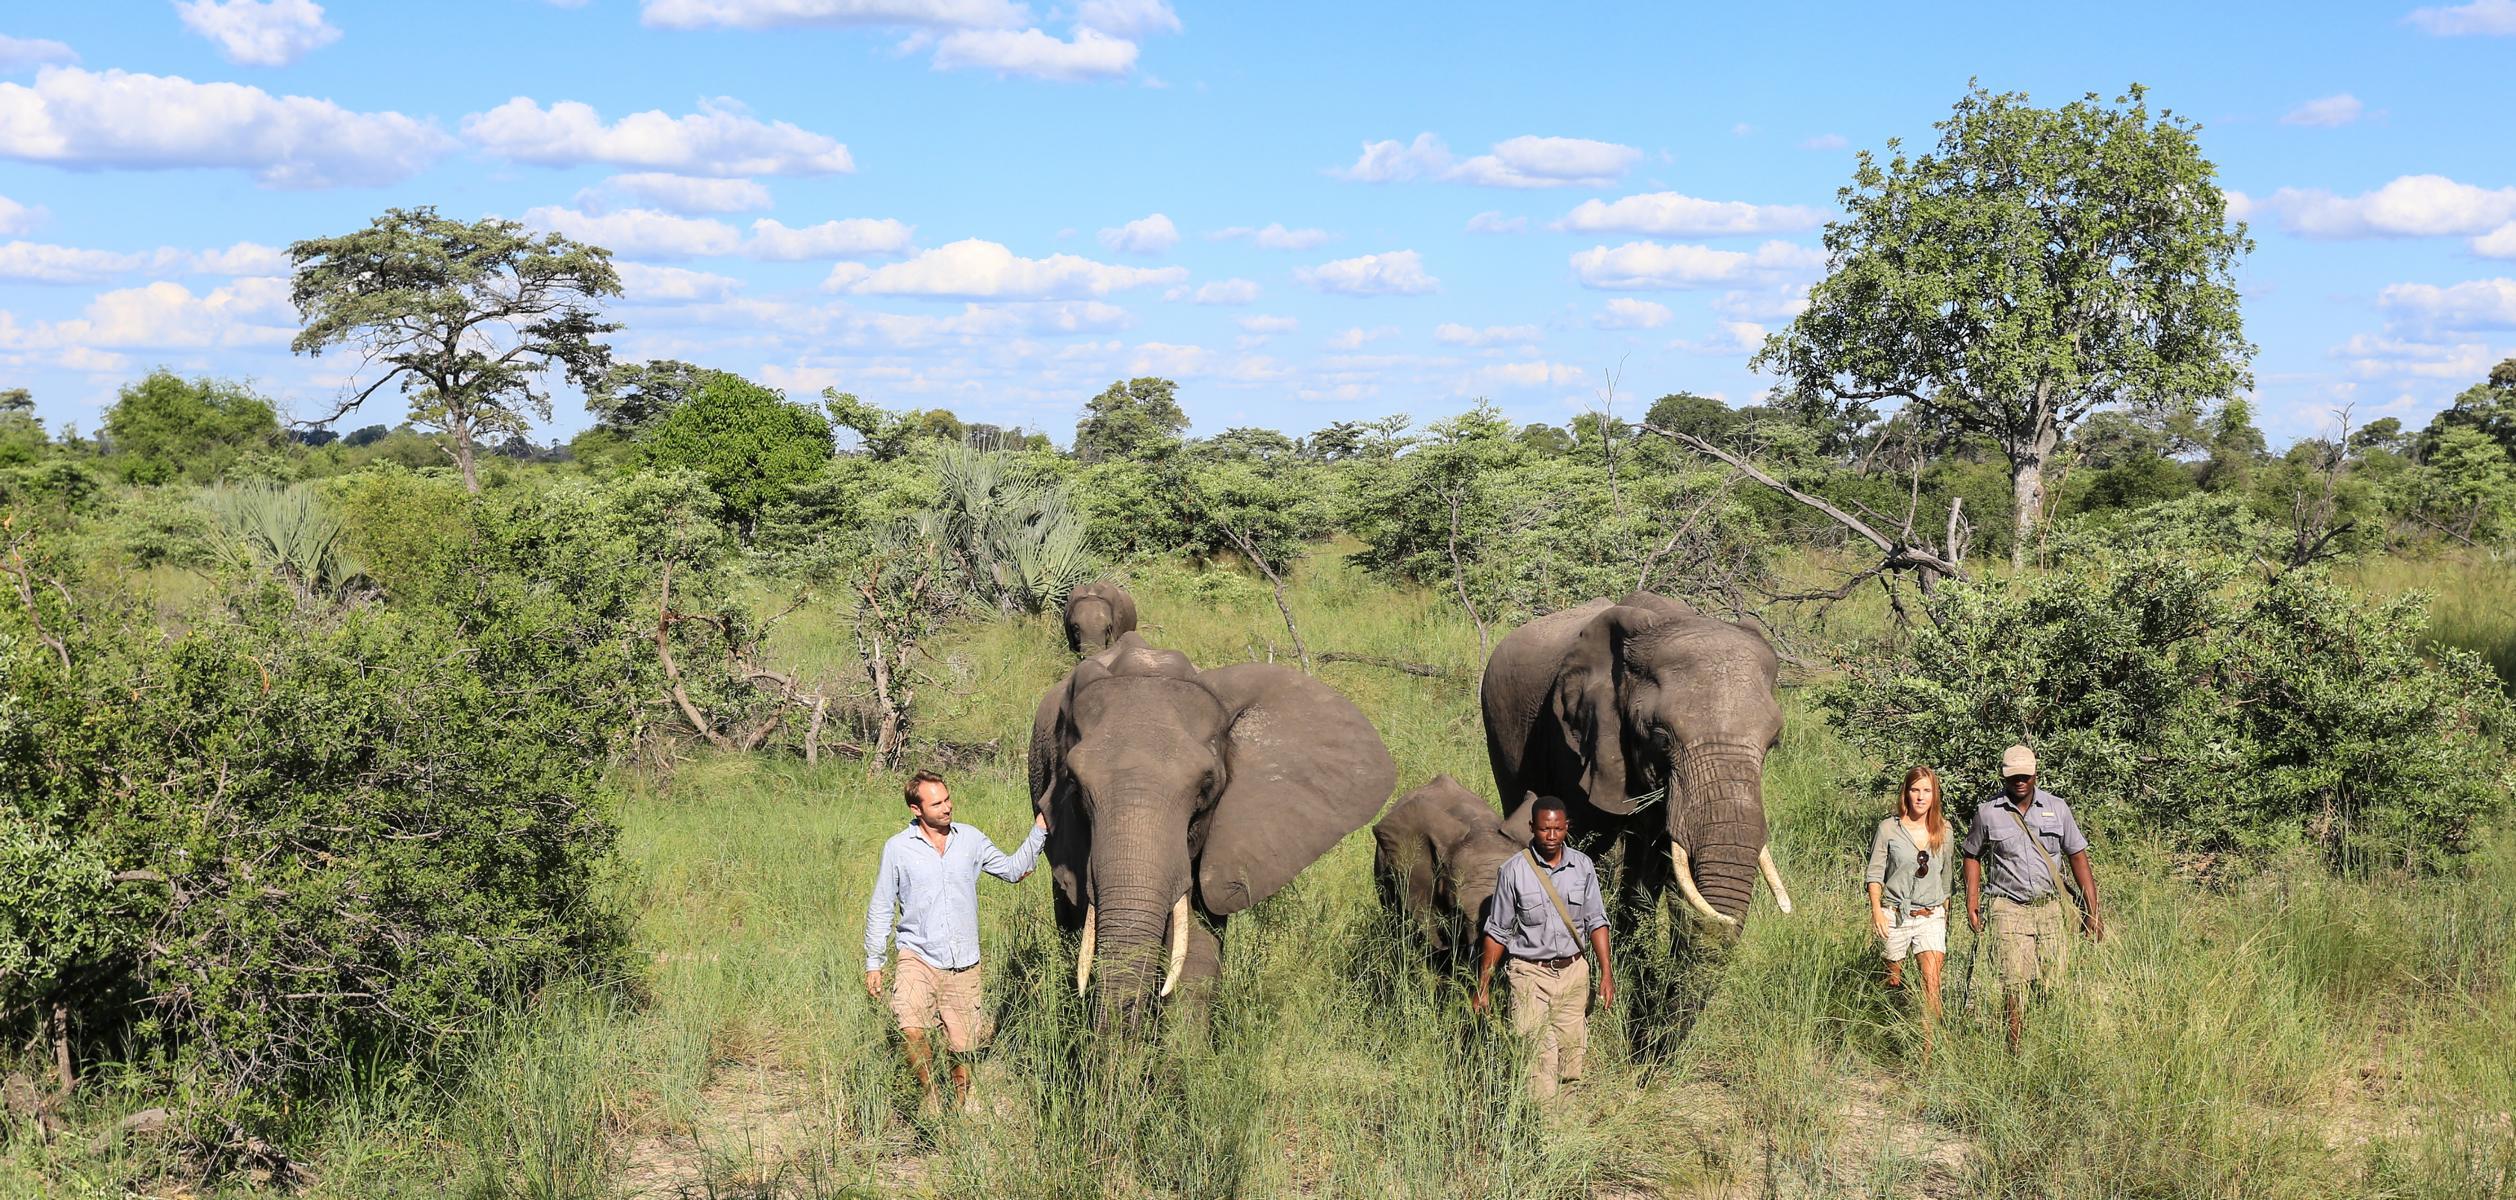 Elefanten im Abu Camp, Okavango Delta, Botswana